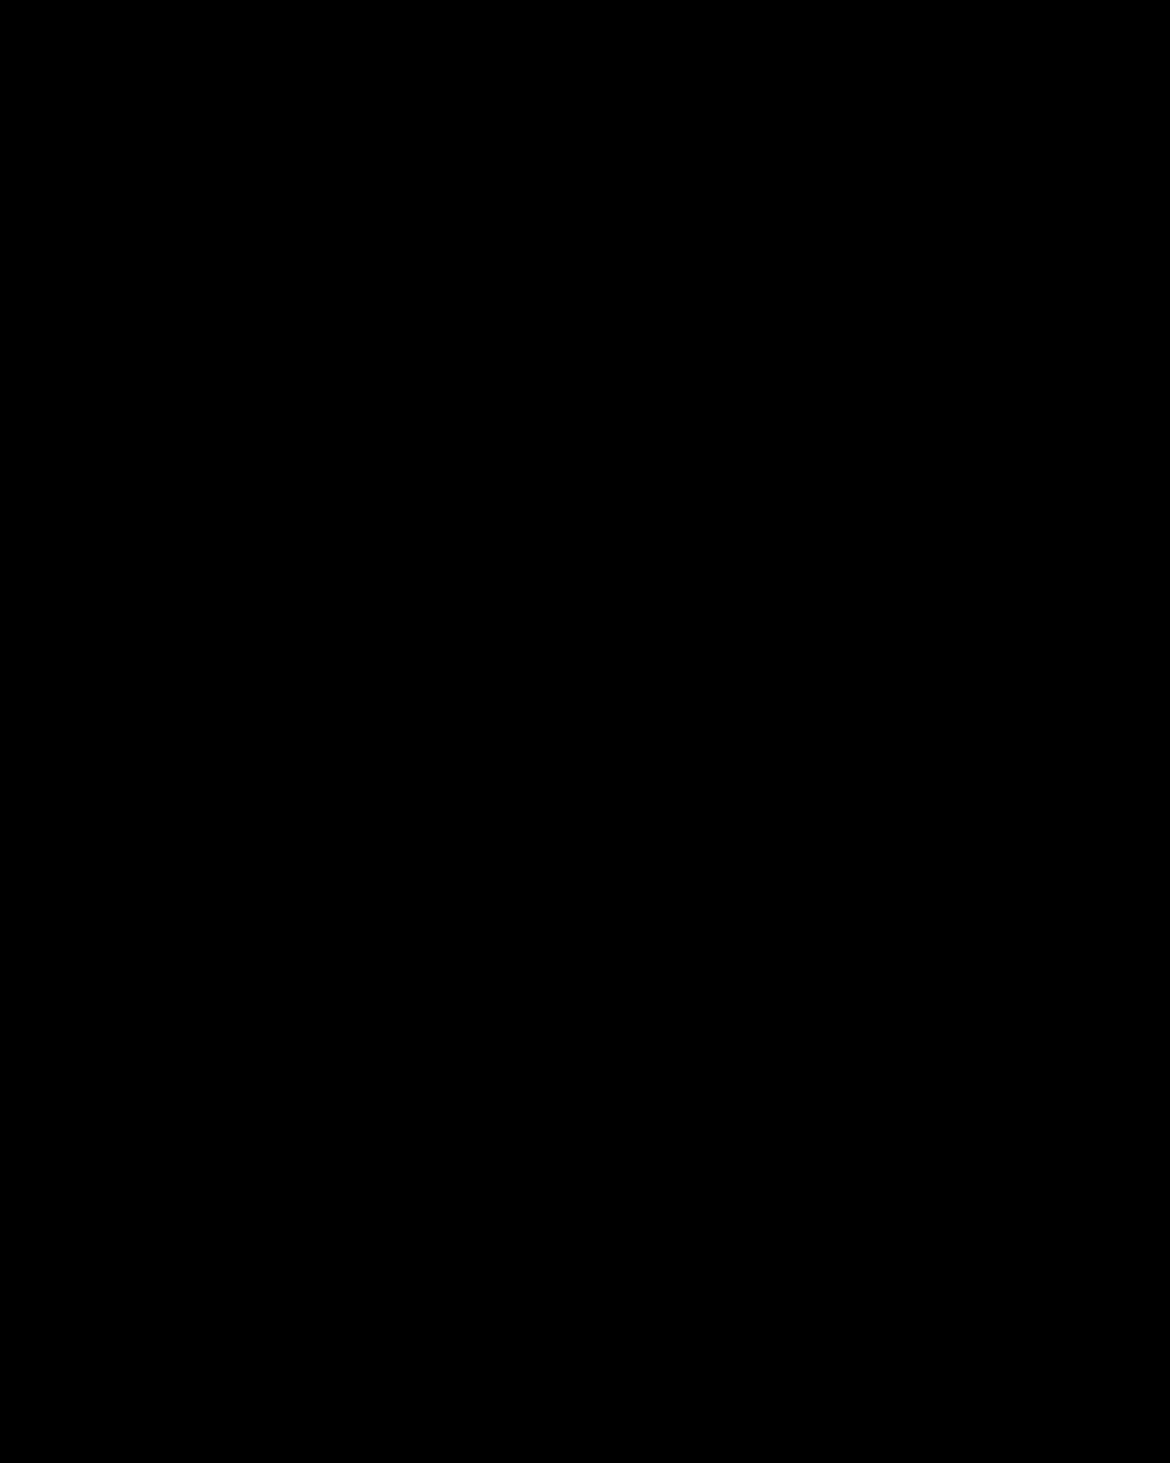 Zagabria - Croazia on the road: Da Dubrovnik a Zagreb